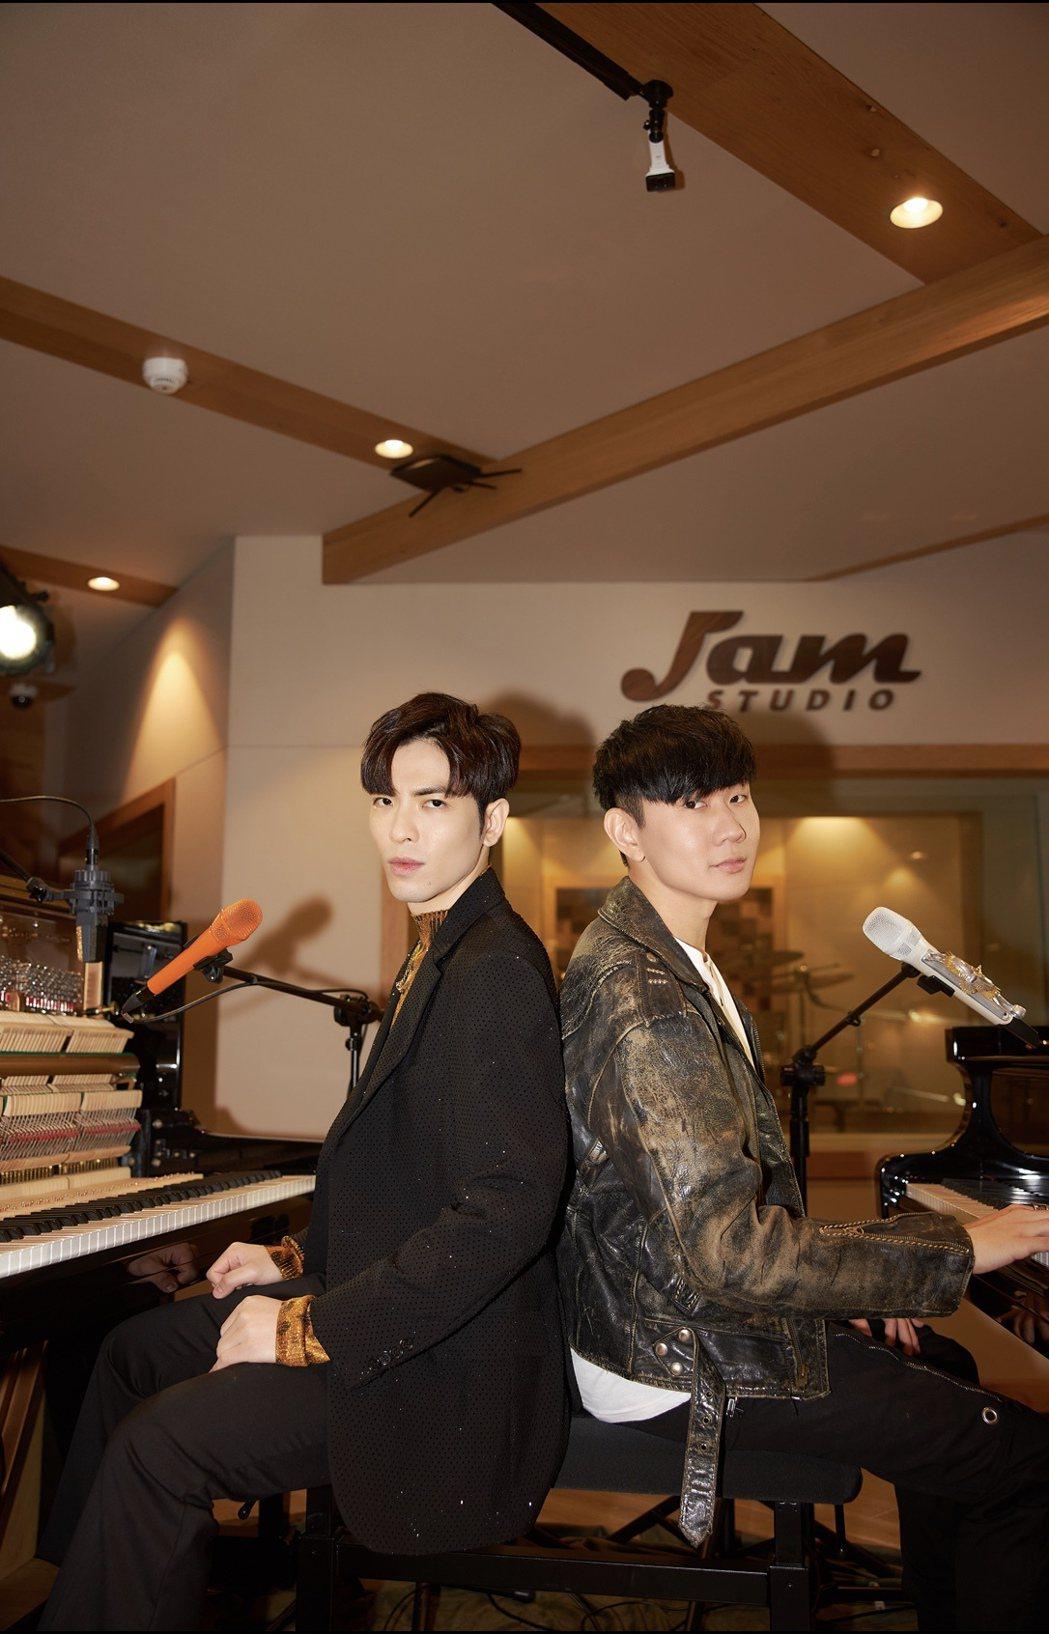 蕭敬騰(左)與林俊傑今晚受央視「全球中文音樂榜上榜」之邀,再度合體獻唱共同創作新